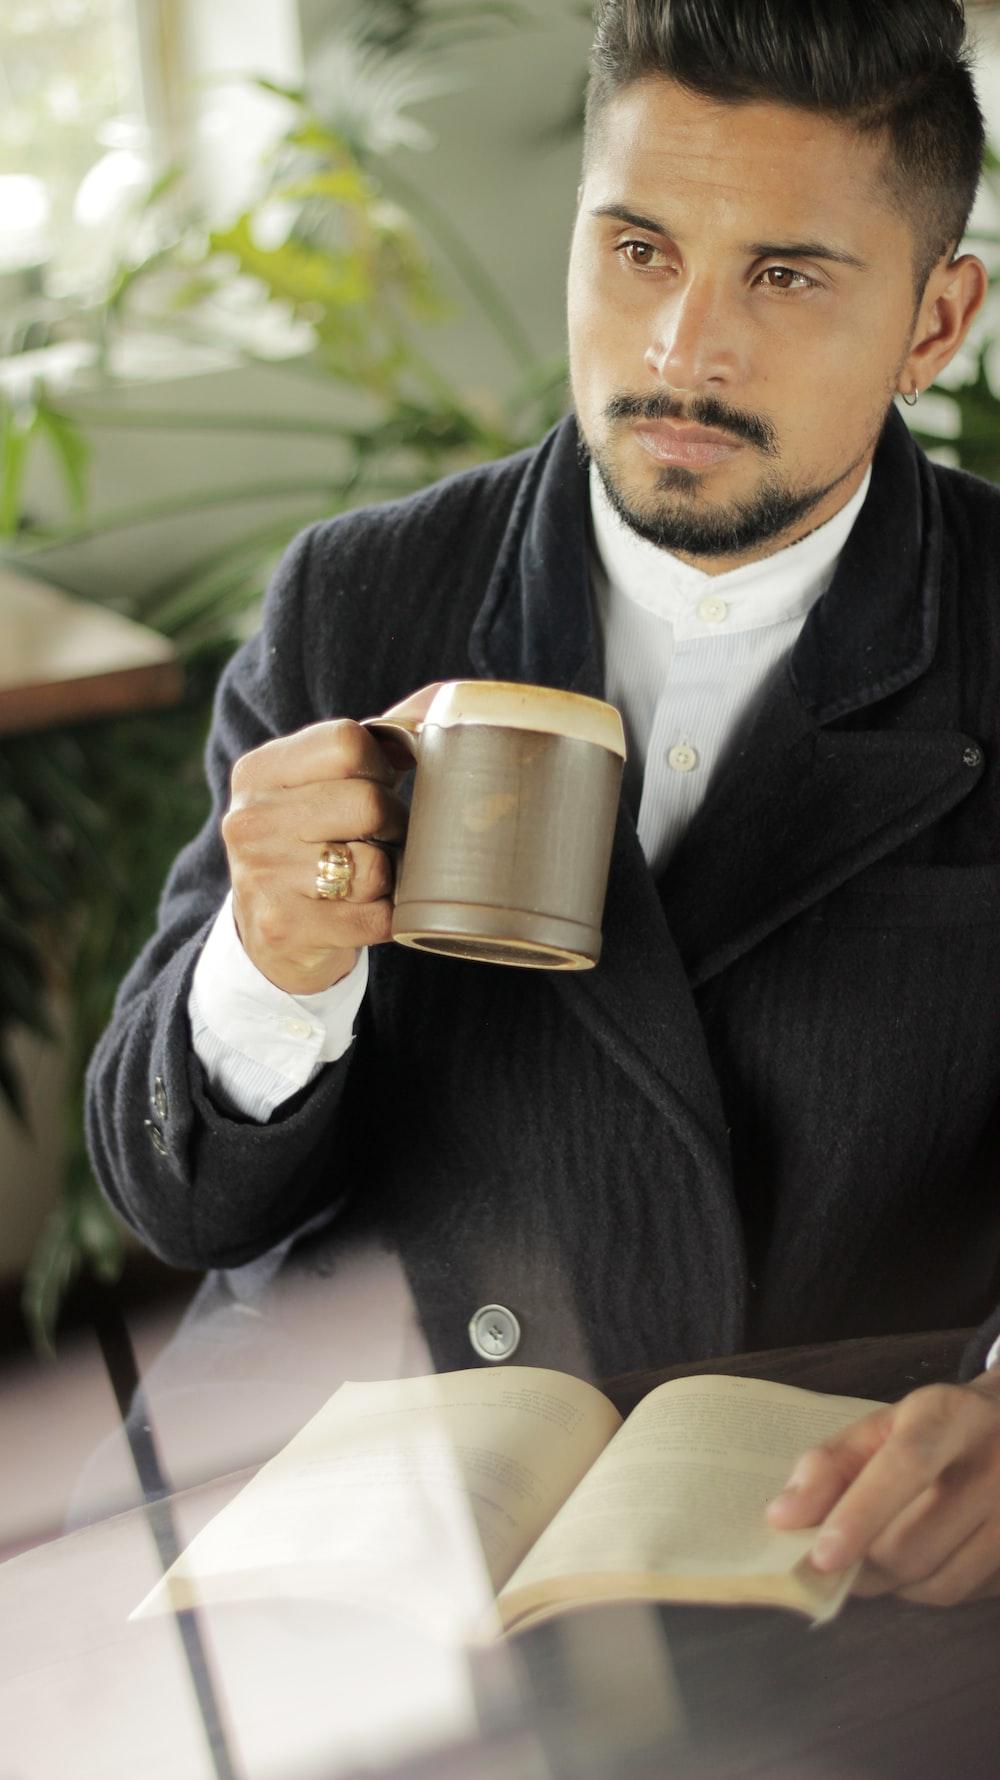 man holding brown mug